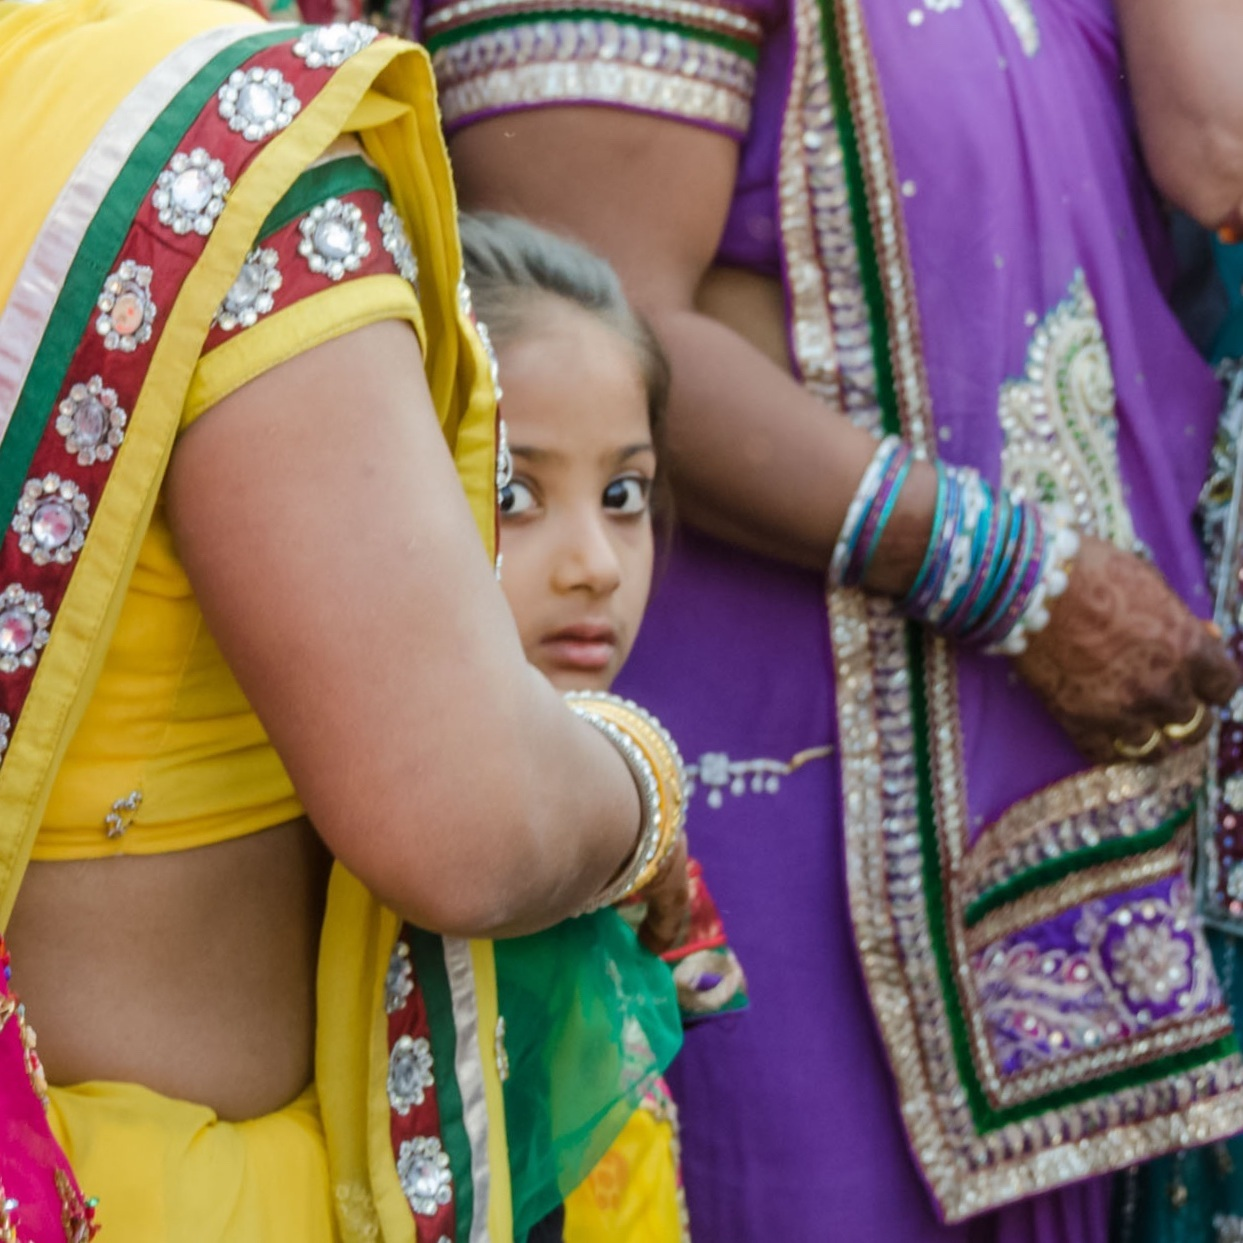 India-wedding-girl-glance-2014-02-14.jpg